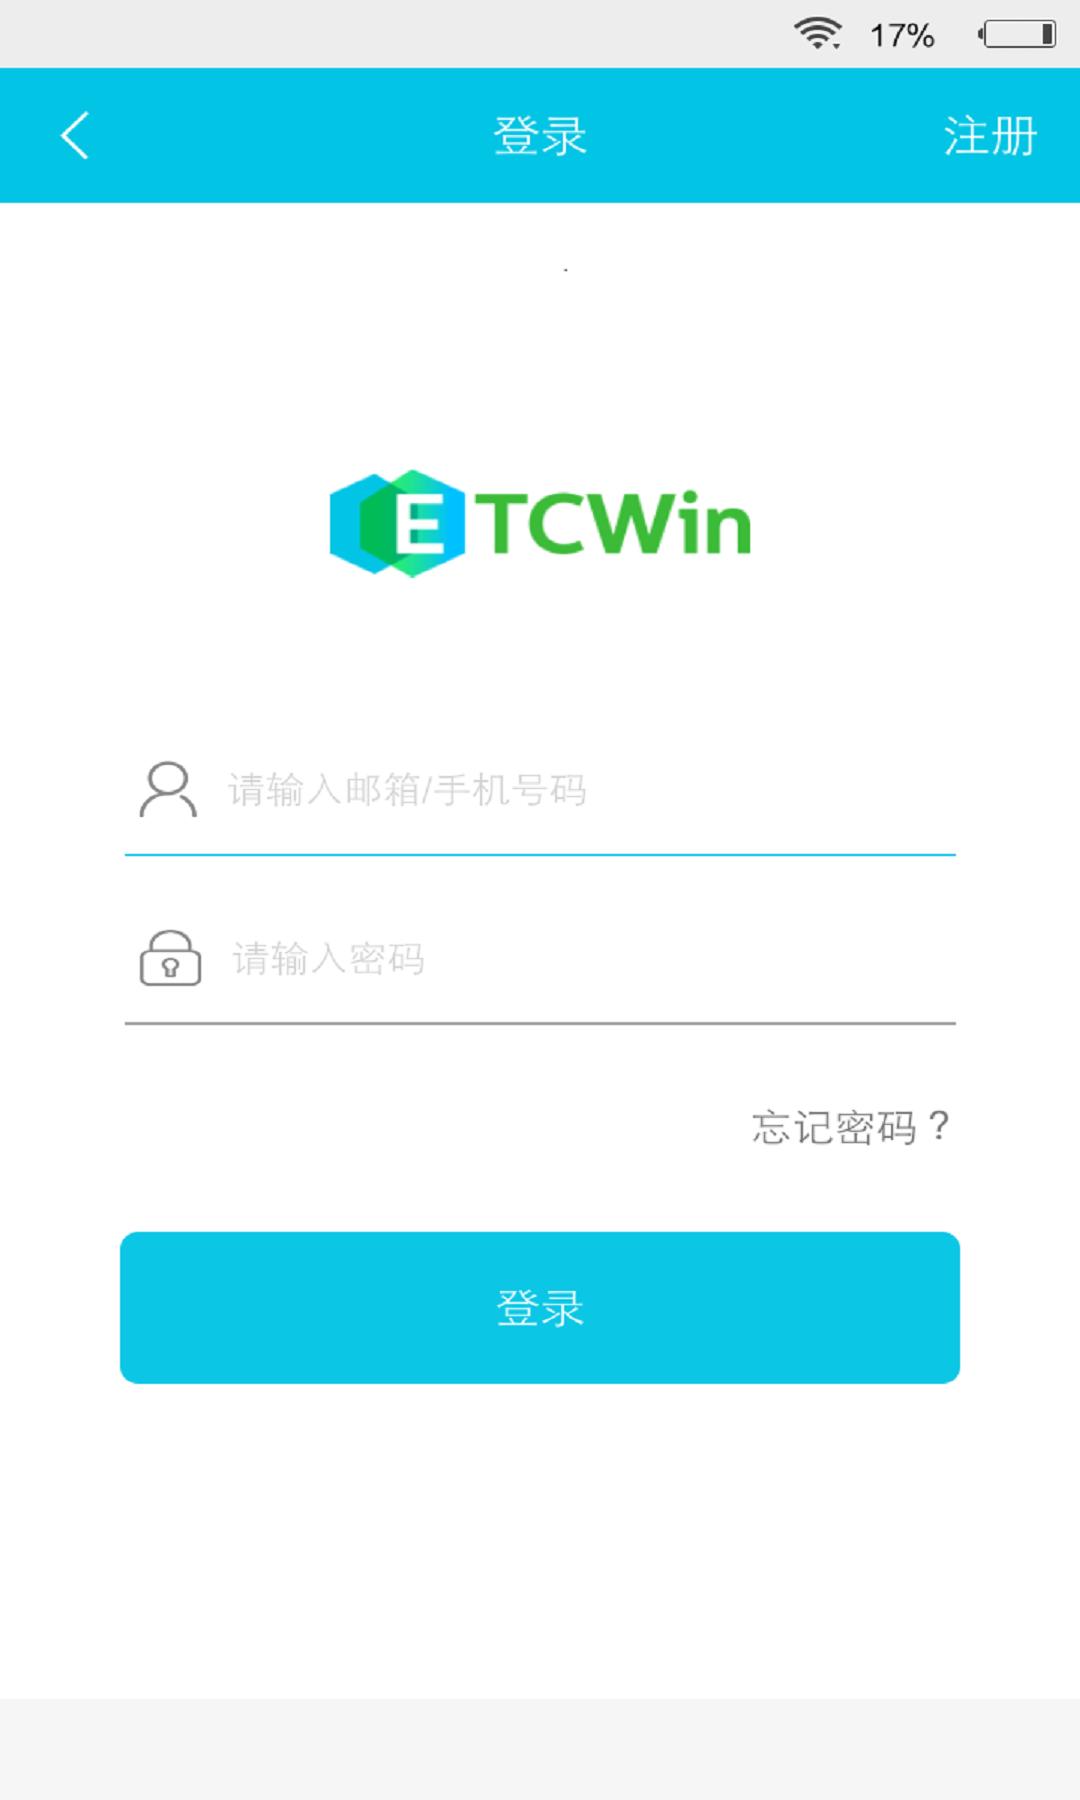 赢币网国际交易平台注册app下载地址图4: